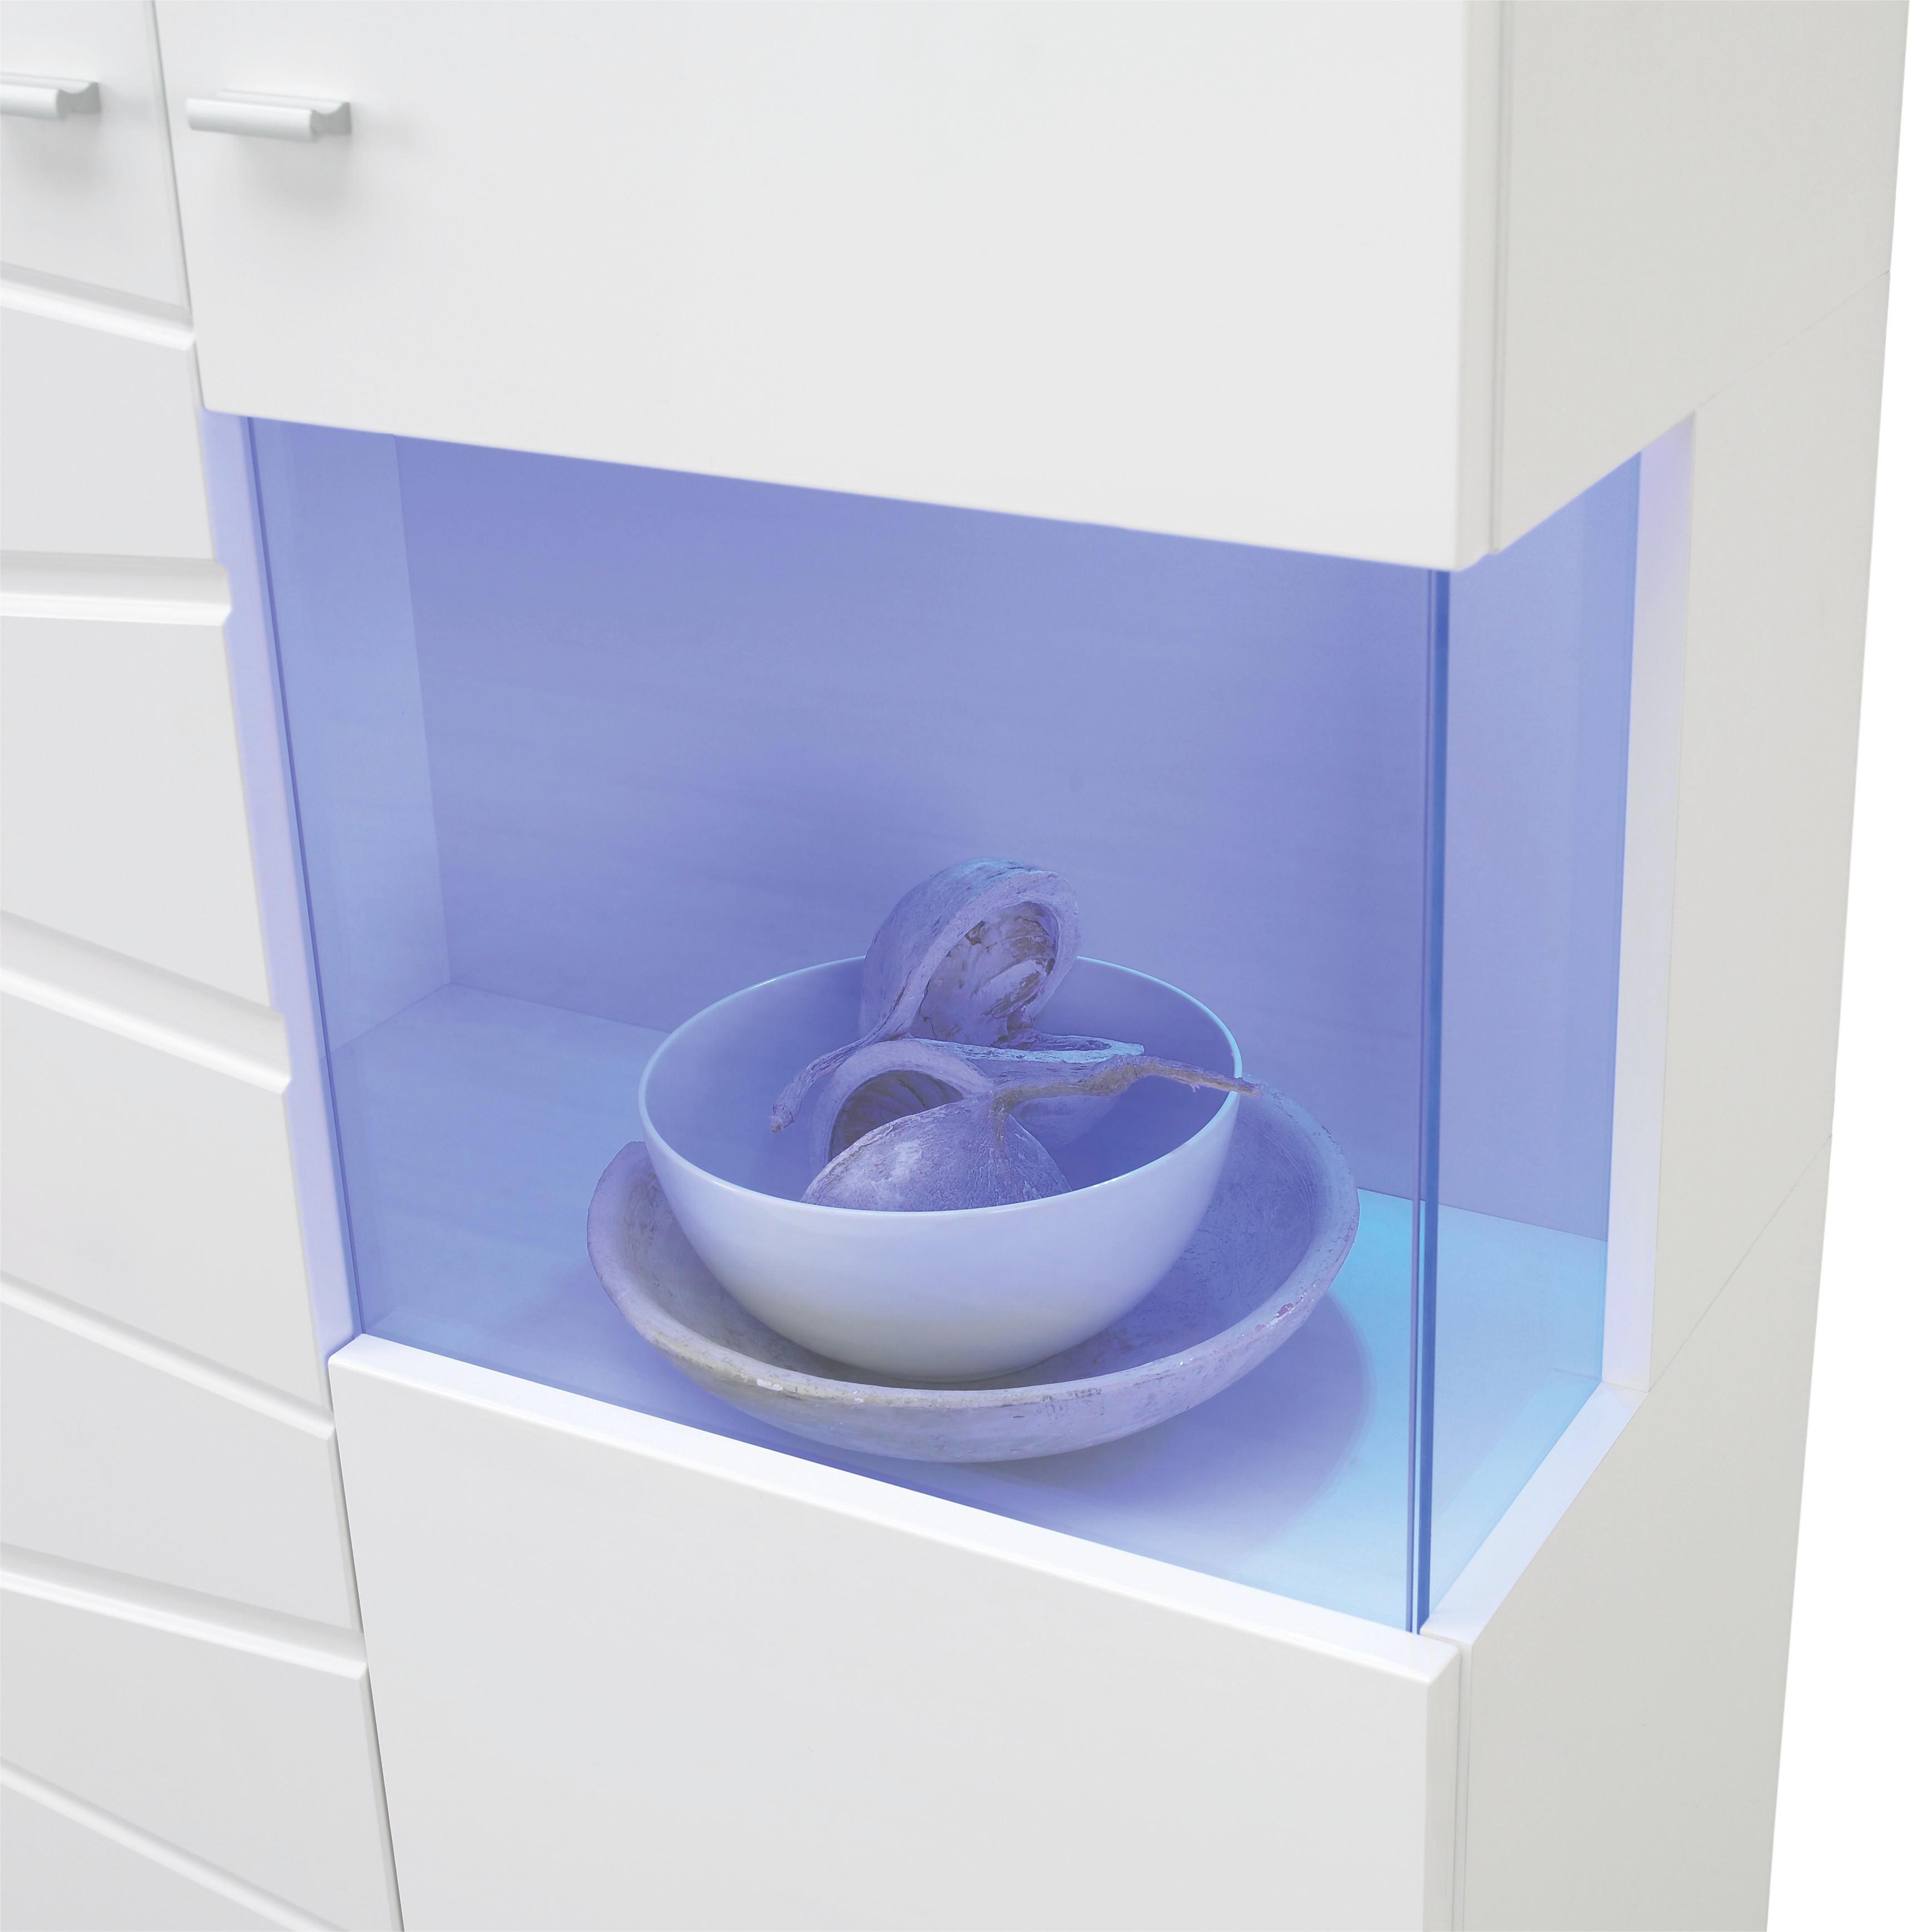 LED-DEKOLEUCHTE - MODERN, Kunststoff/Metall (26,5/11/5cm)